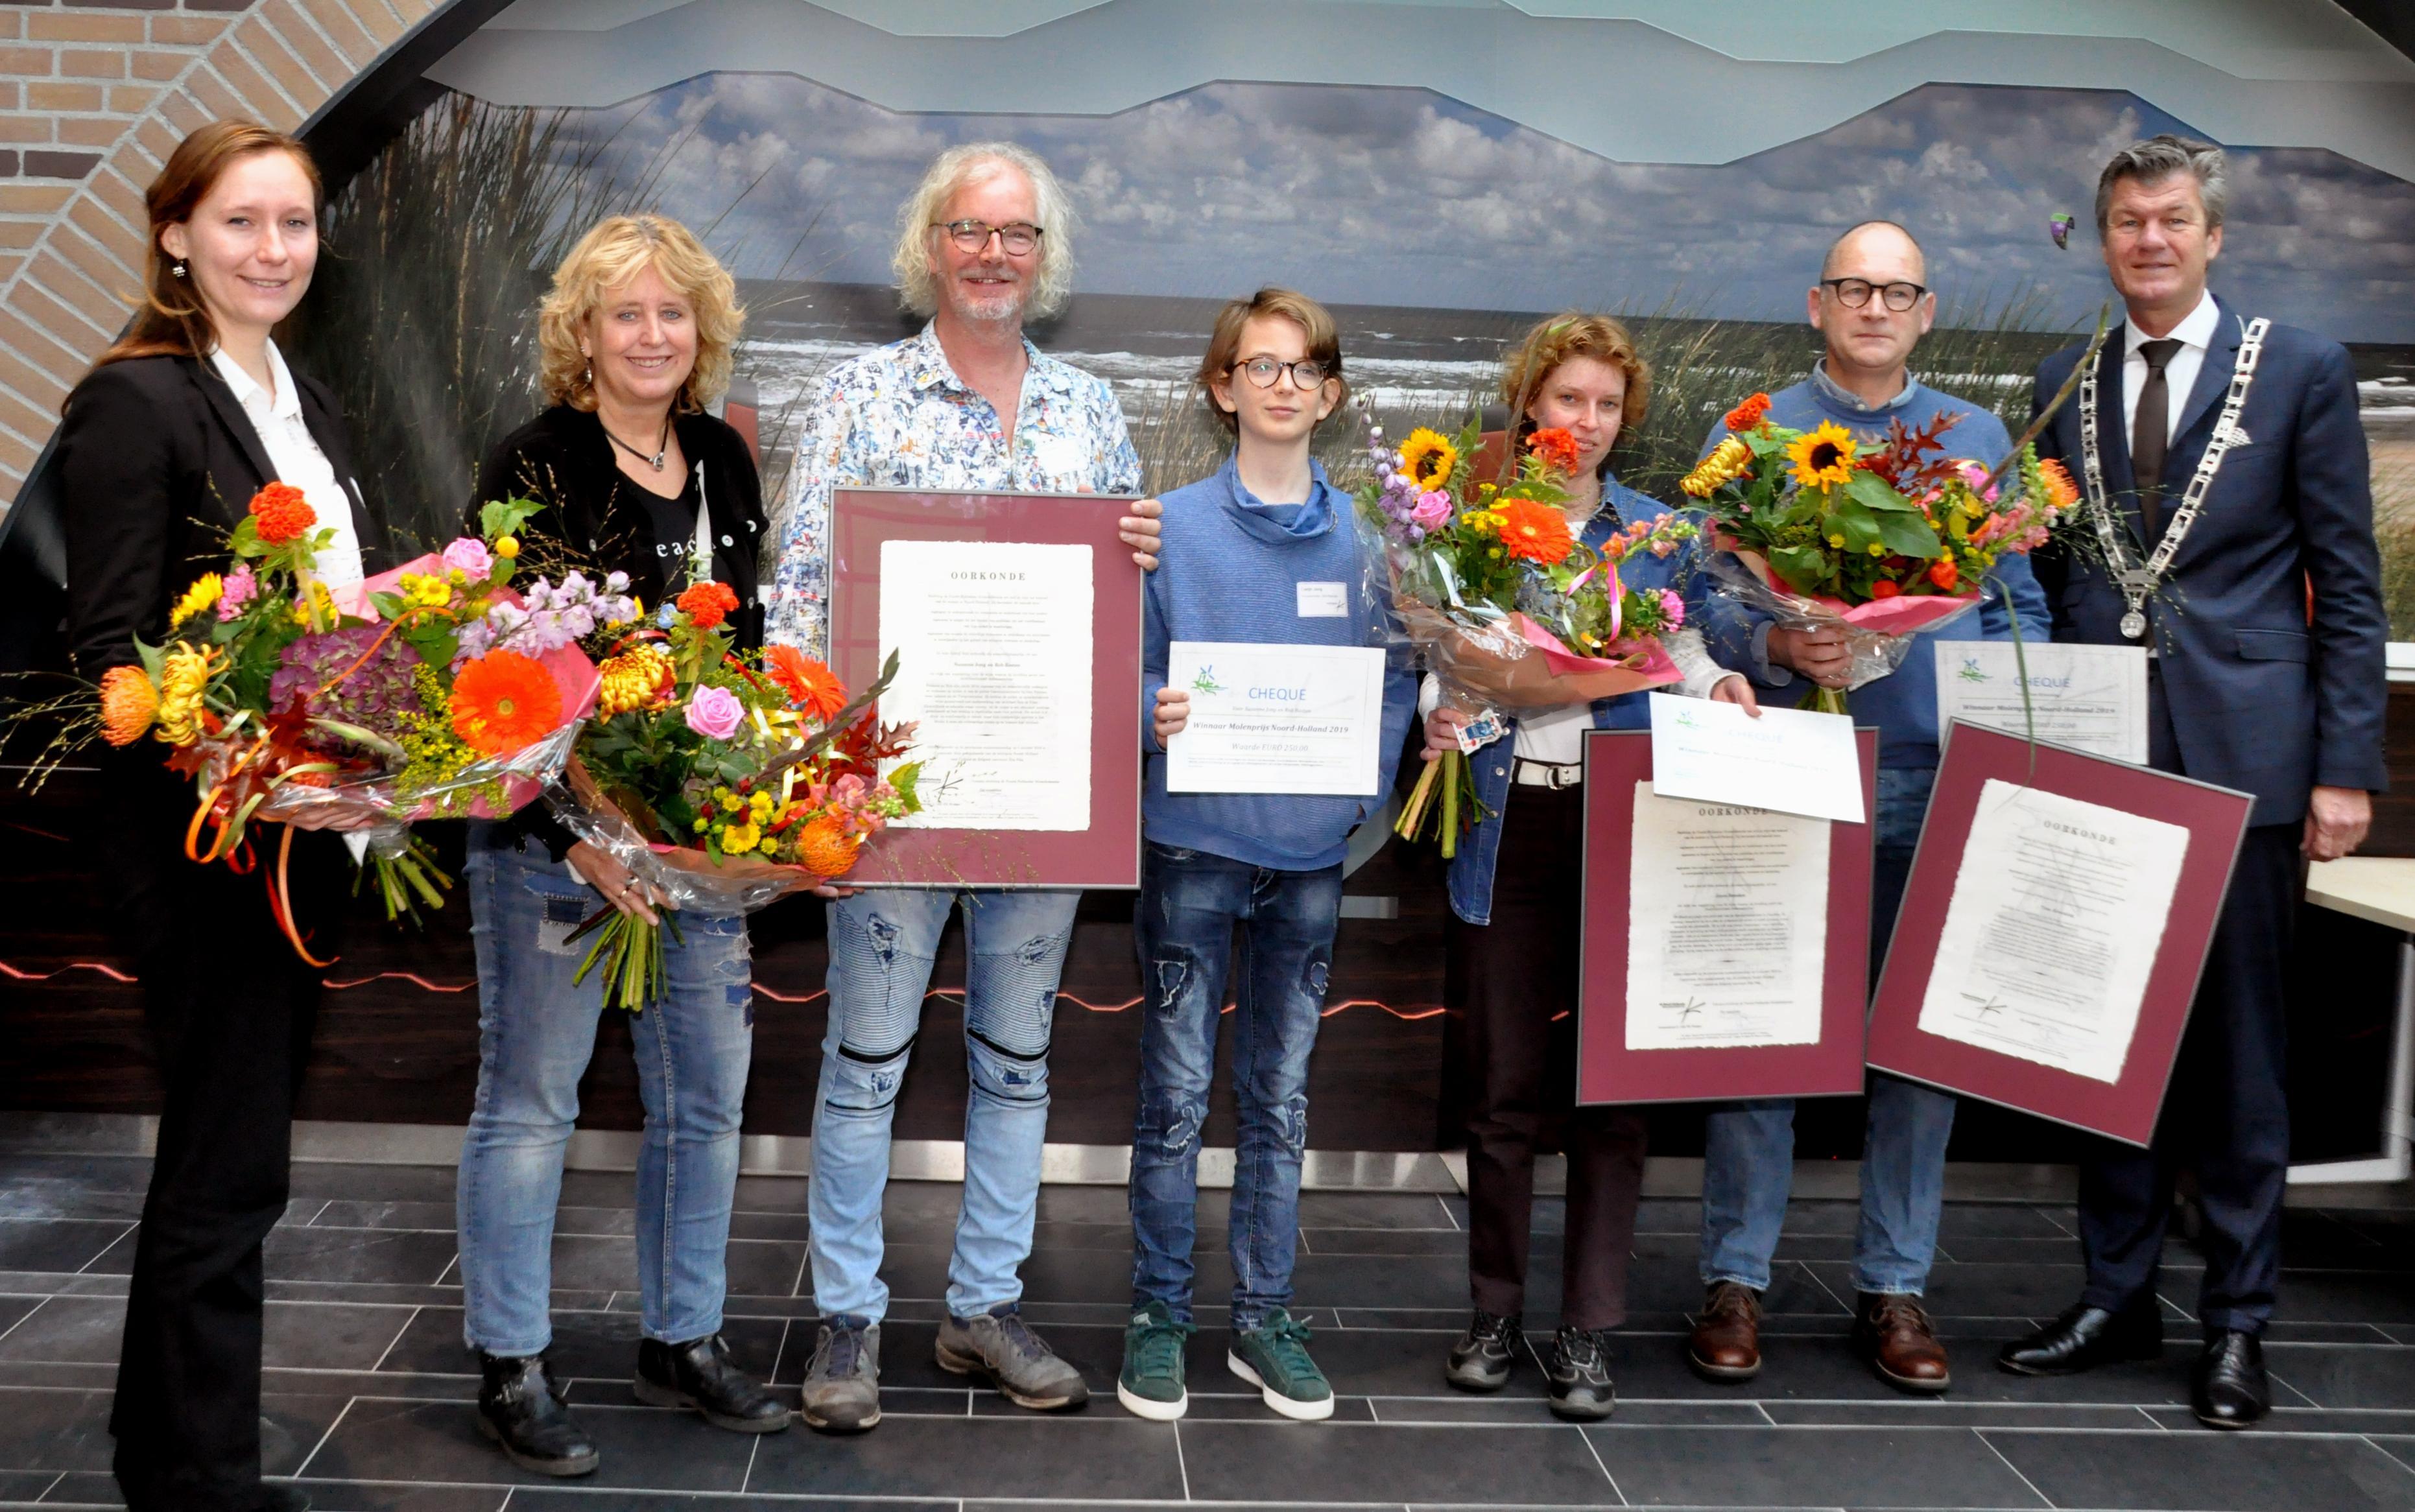 Prijzen voor molenaars uit Haarlem, Oudorp en Sint Pancras